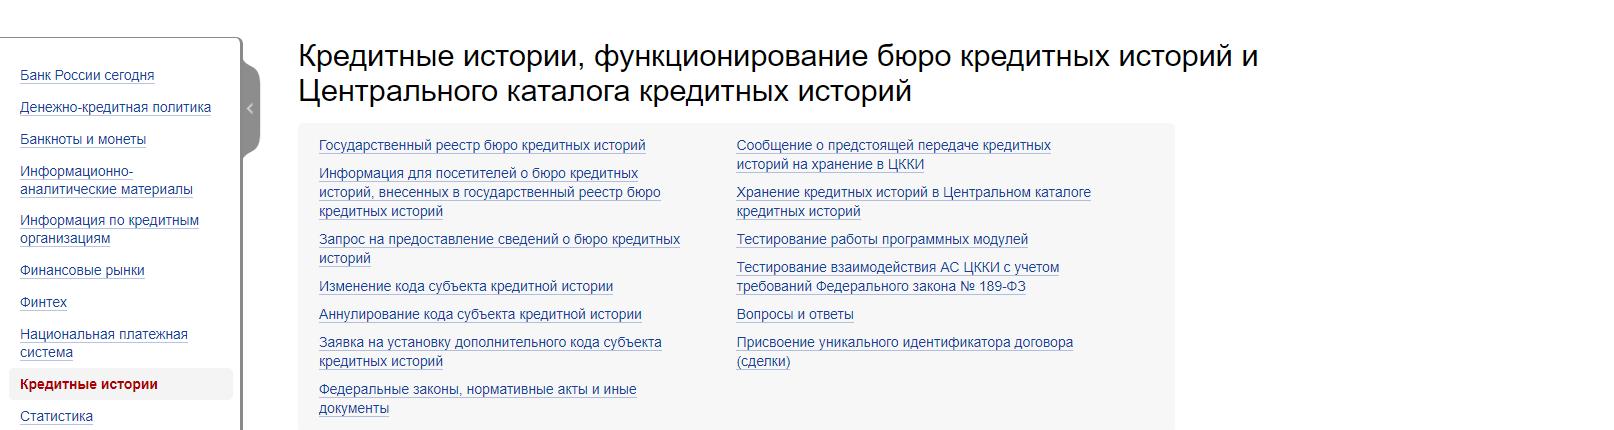 kak-uznat-kreditnuyu-istoriyu-besplatno-po-familii_27